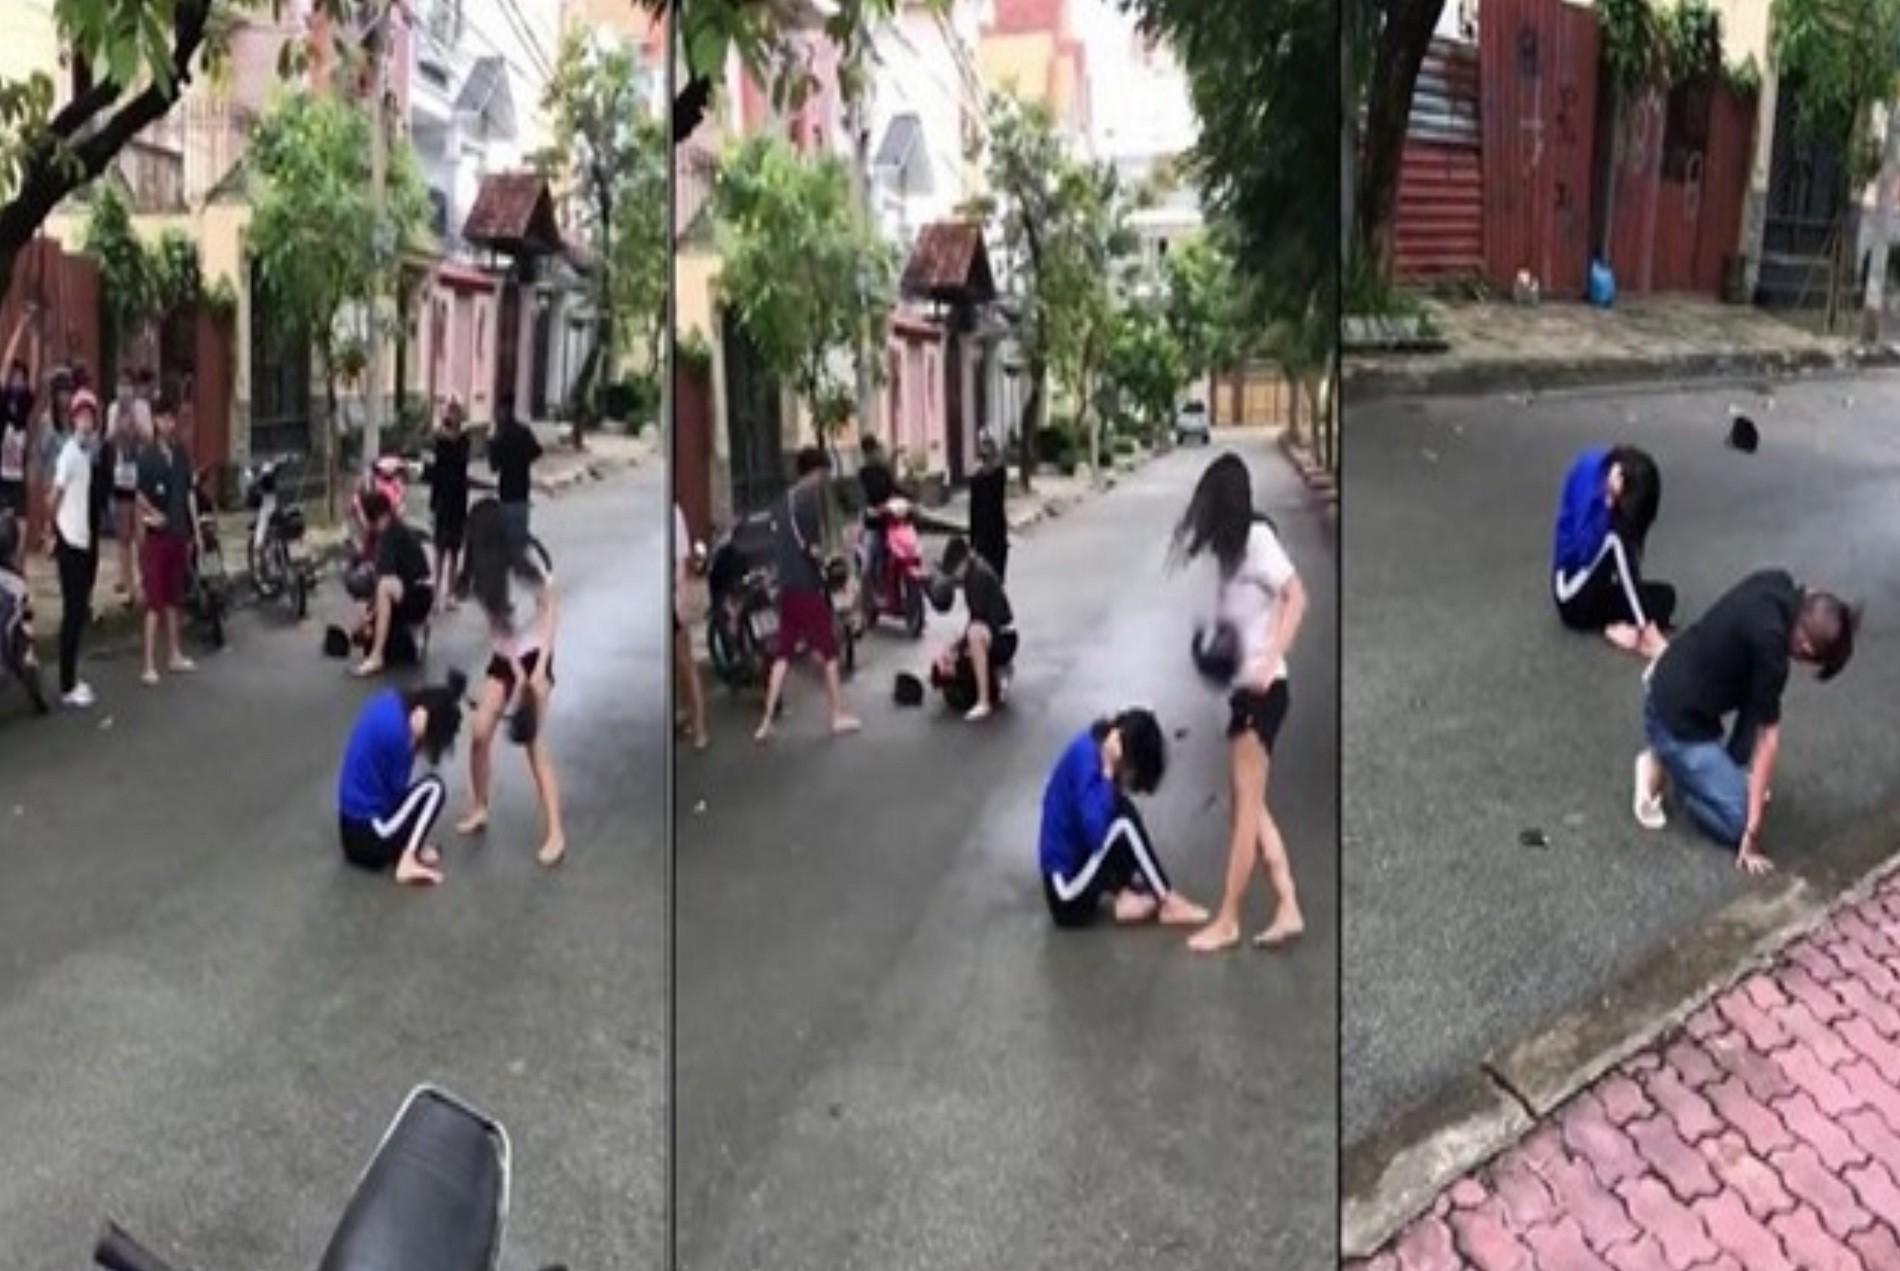 An ninh - Hình sự - Làm rõ các đối tượng trong clip dùng mũ bảo hiểm đánh người